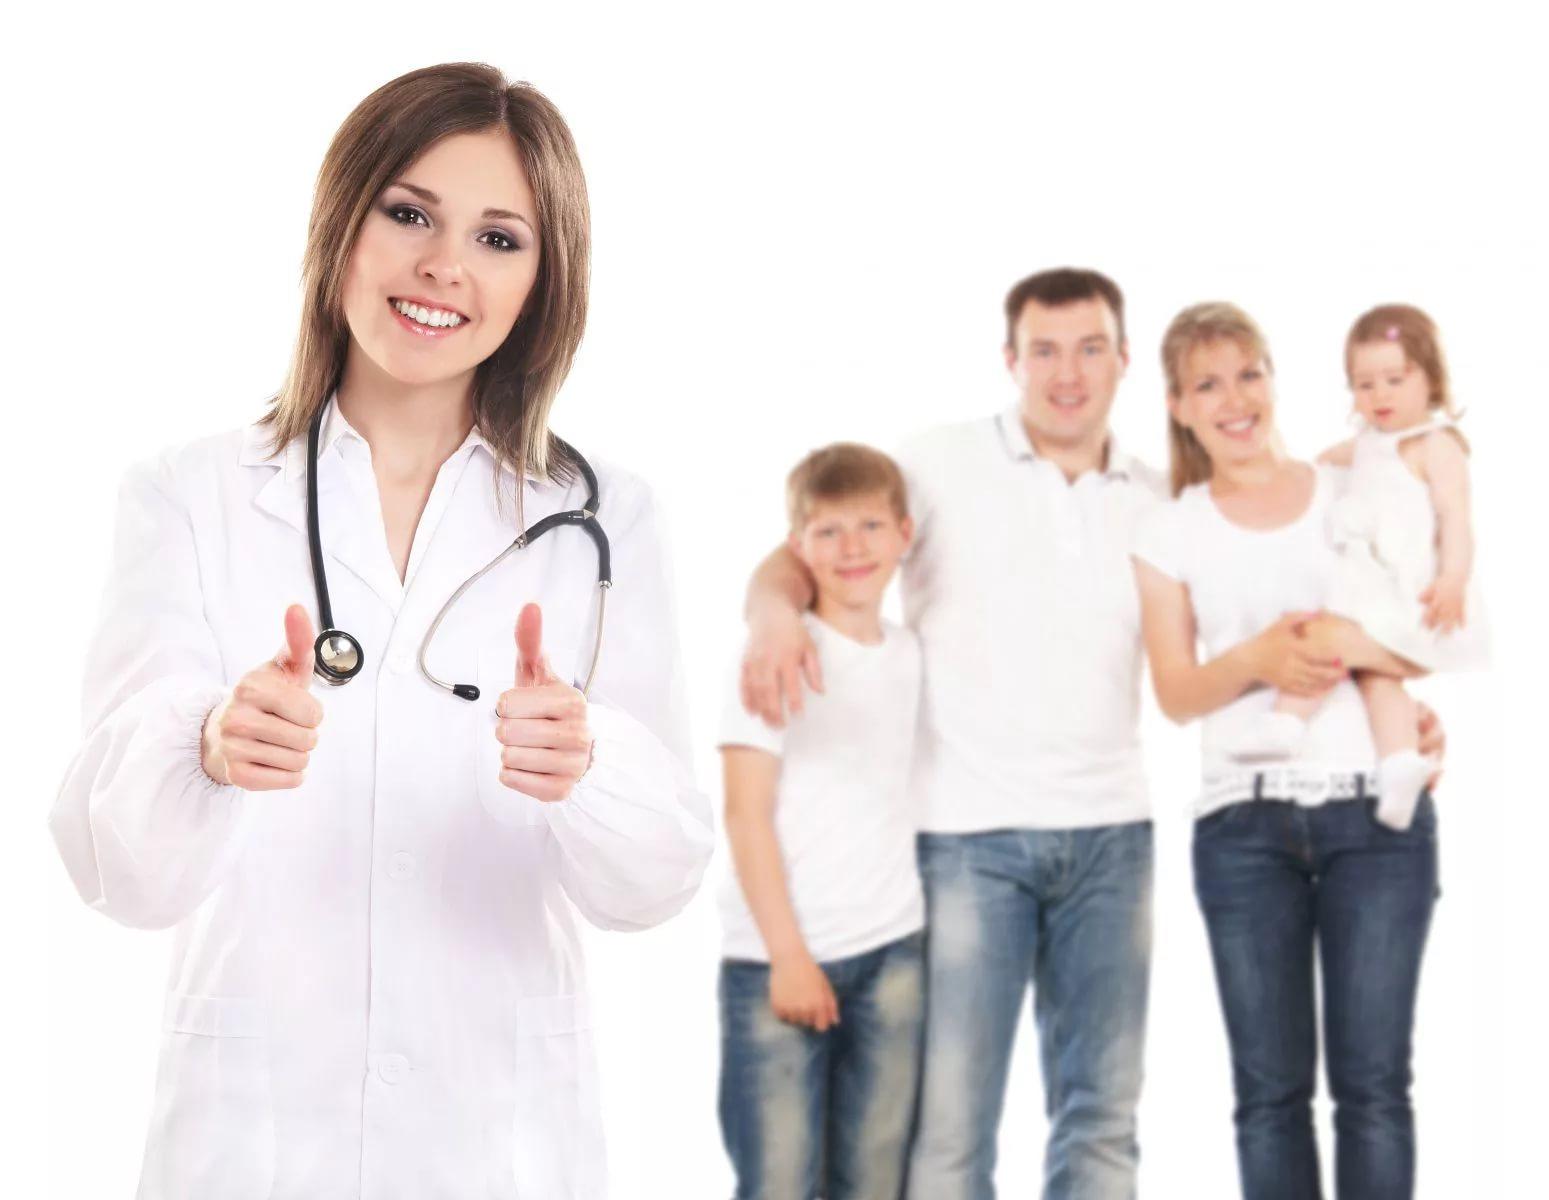 Как одеться на прием к врачу: руководство для женщин